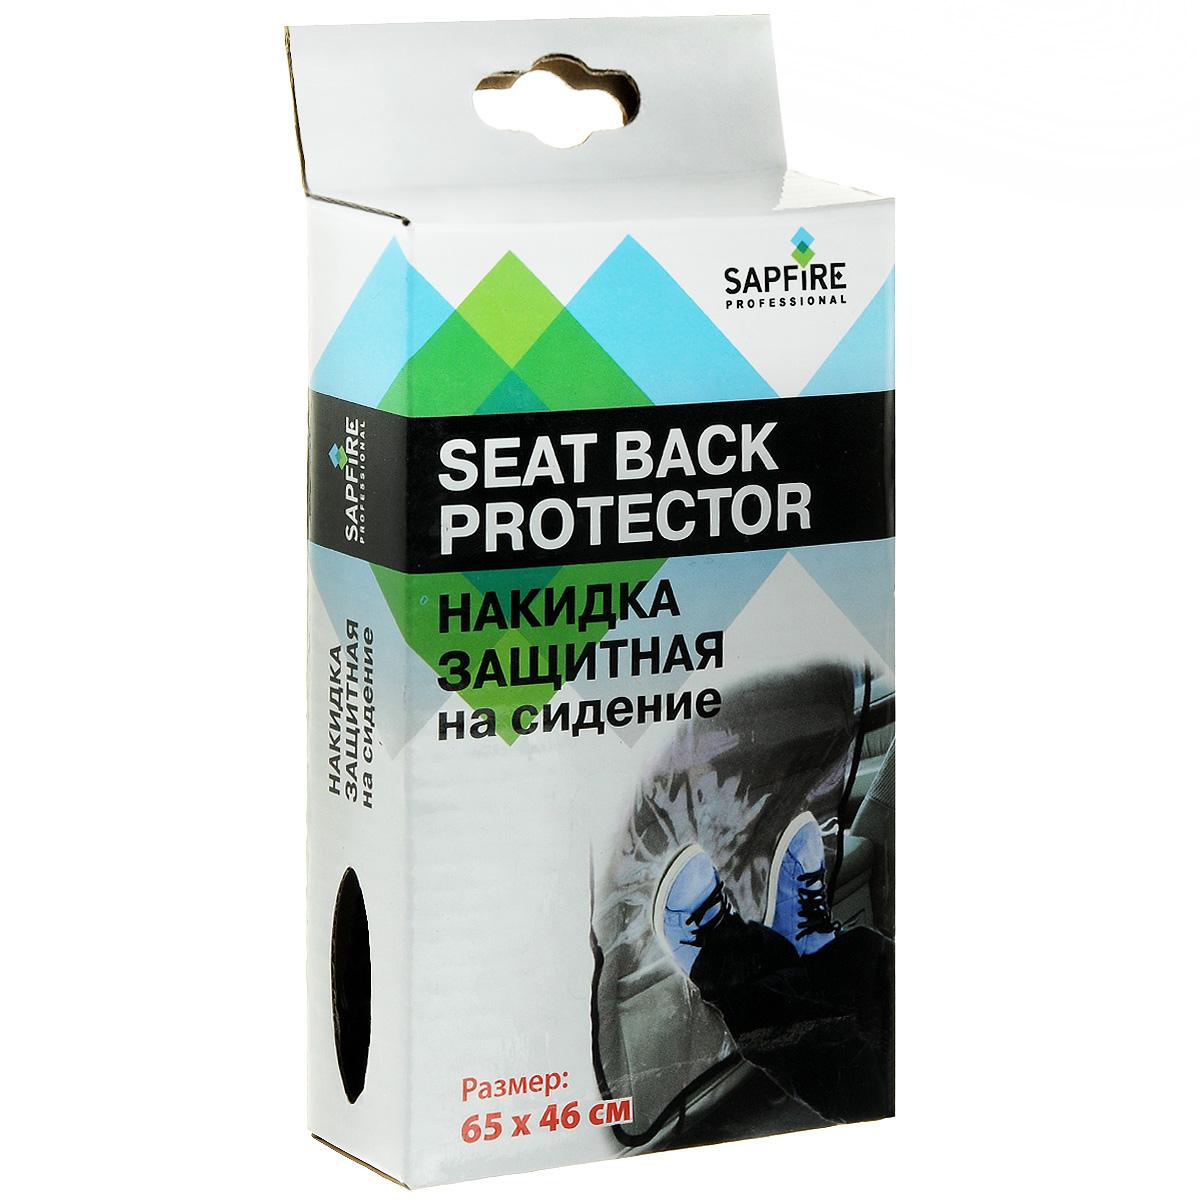 Накидка защитная на сидение Sapfire 65 х 46 смSCH-0405Накидка Sapfire выполнена из высококачественного полиэстера и предназначена для защиты спинки сиденья от грязи и пыли. Незаменима при перевозке детей в детском автомобильном кресле. Легко чистится или моется. Прозрачный материал не изменяет дизайн салона автомобиля. Надежно фиксируется на автомобильном сидении. Удобна в хранении.